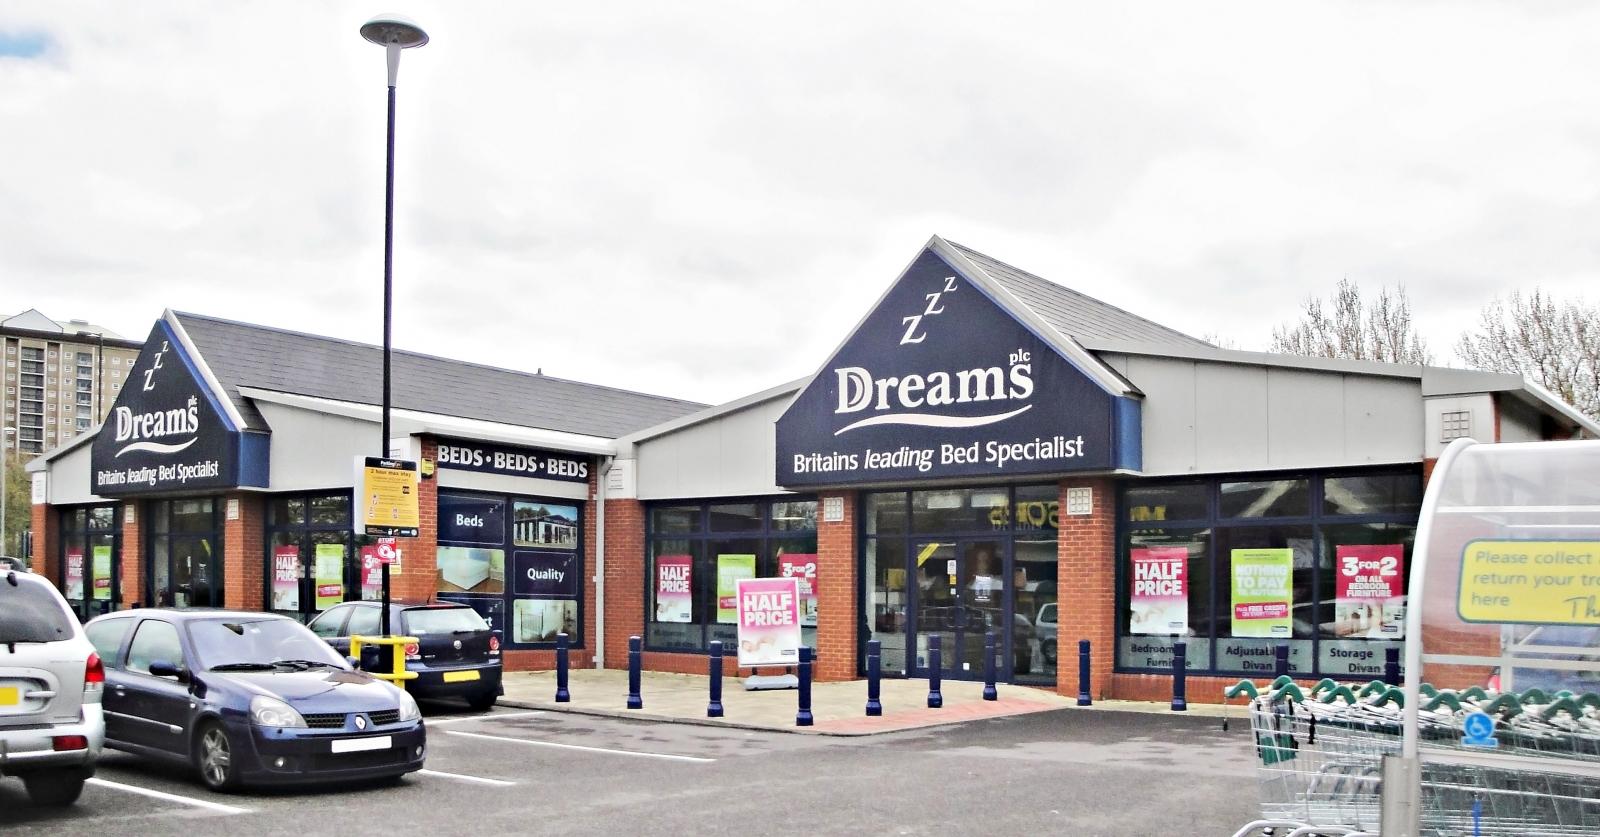 Dreams bed retailer